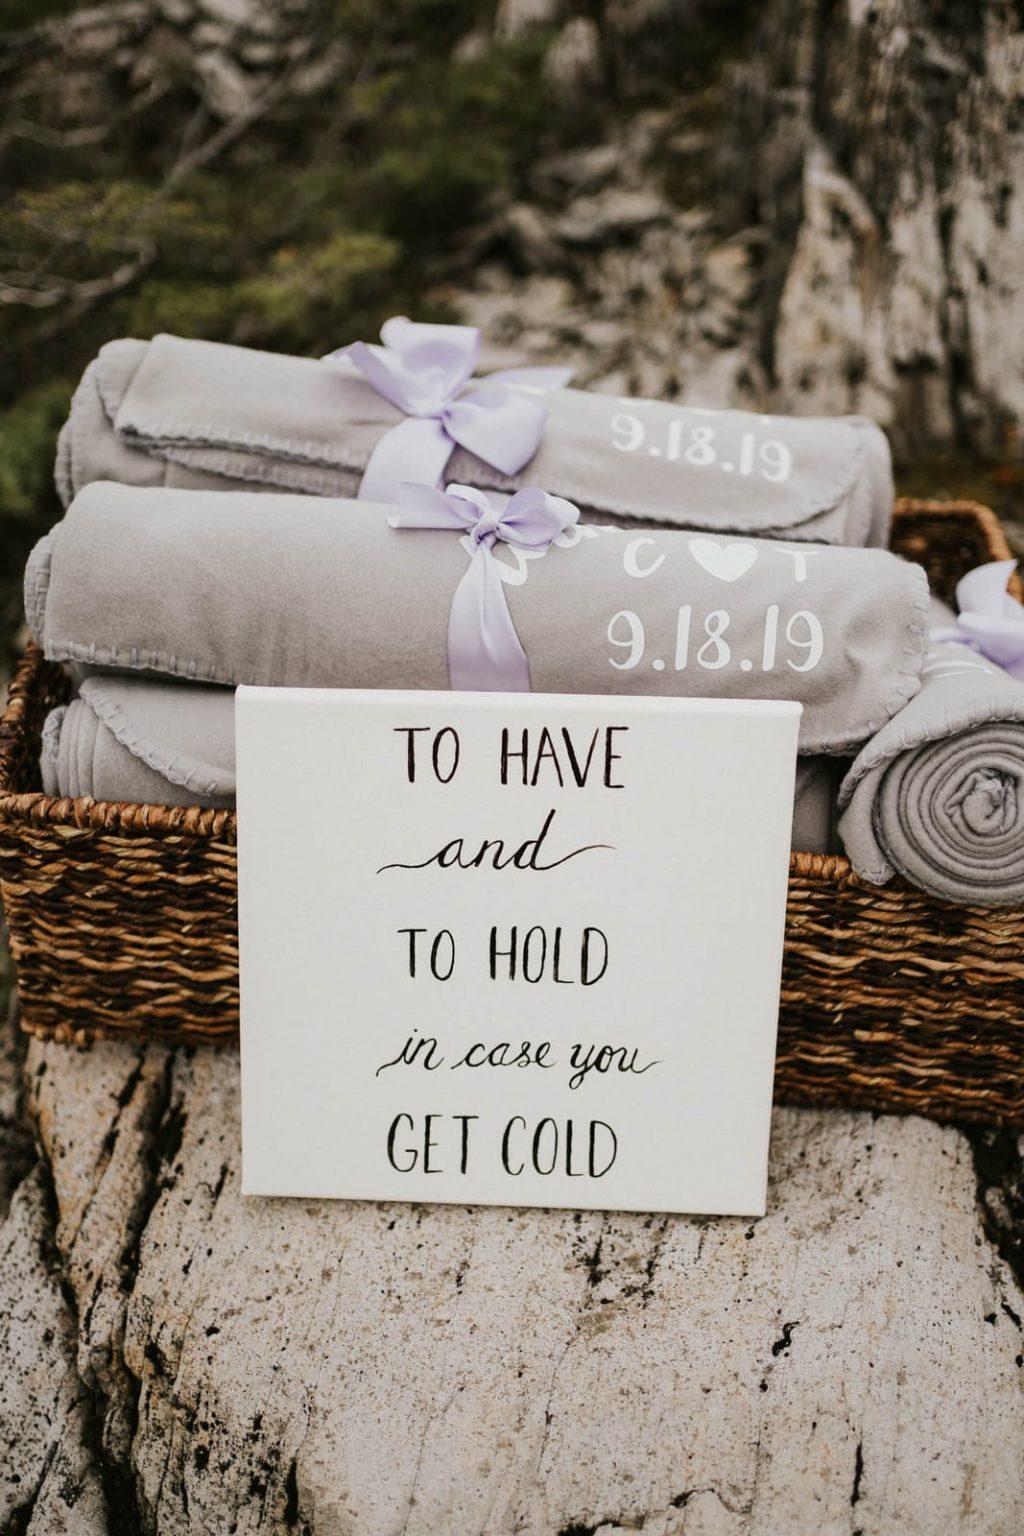 Blankets in a basket